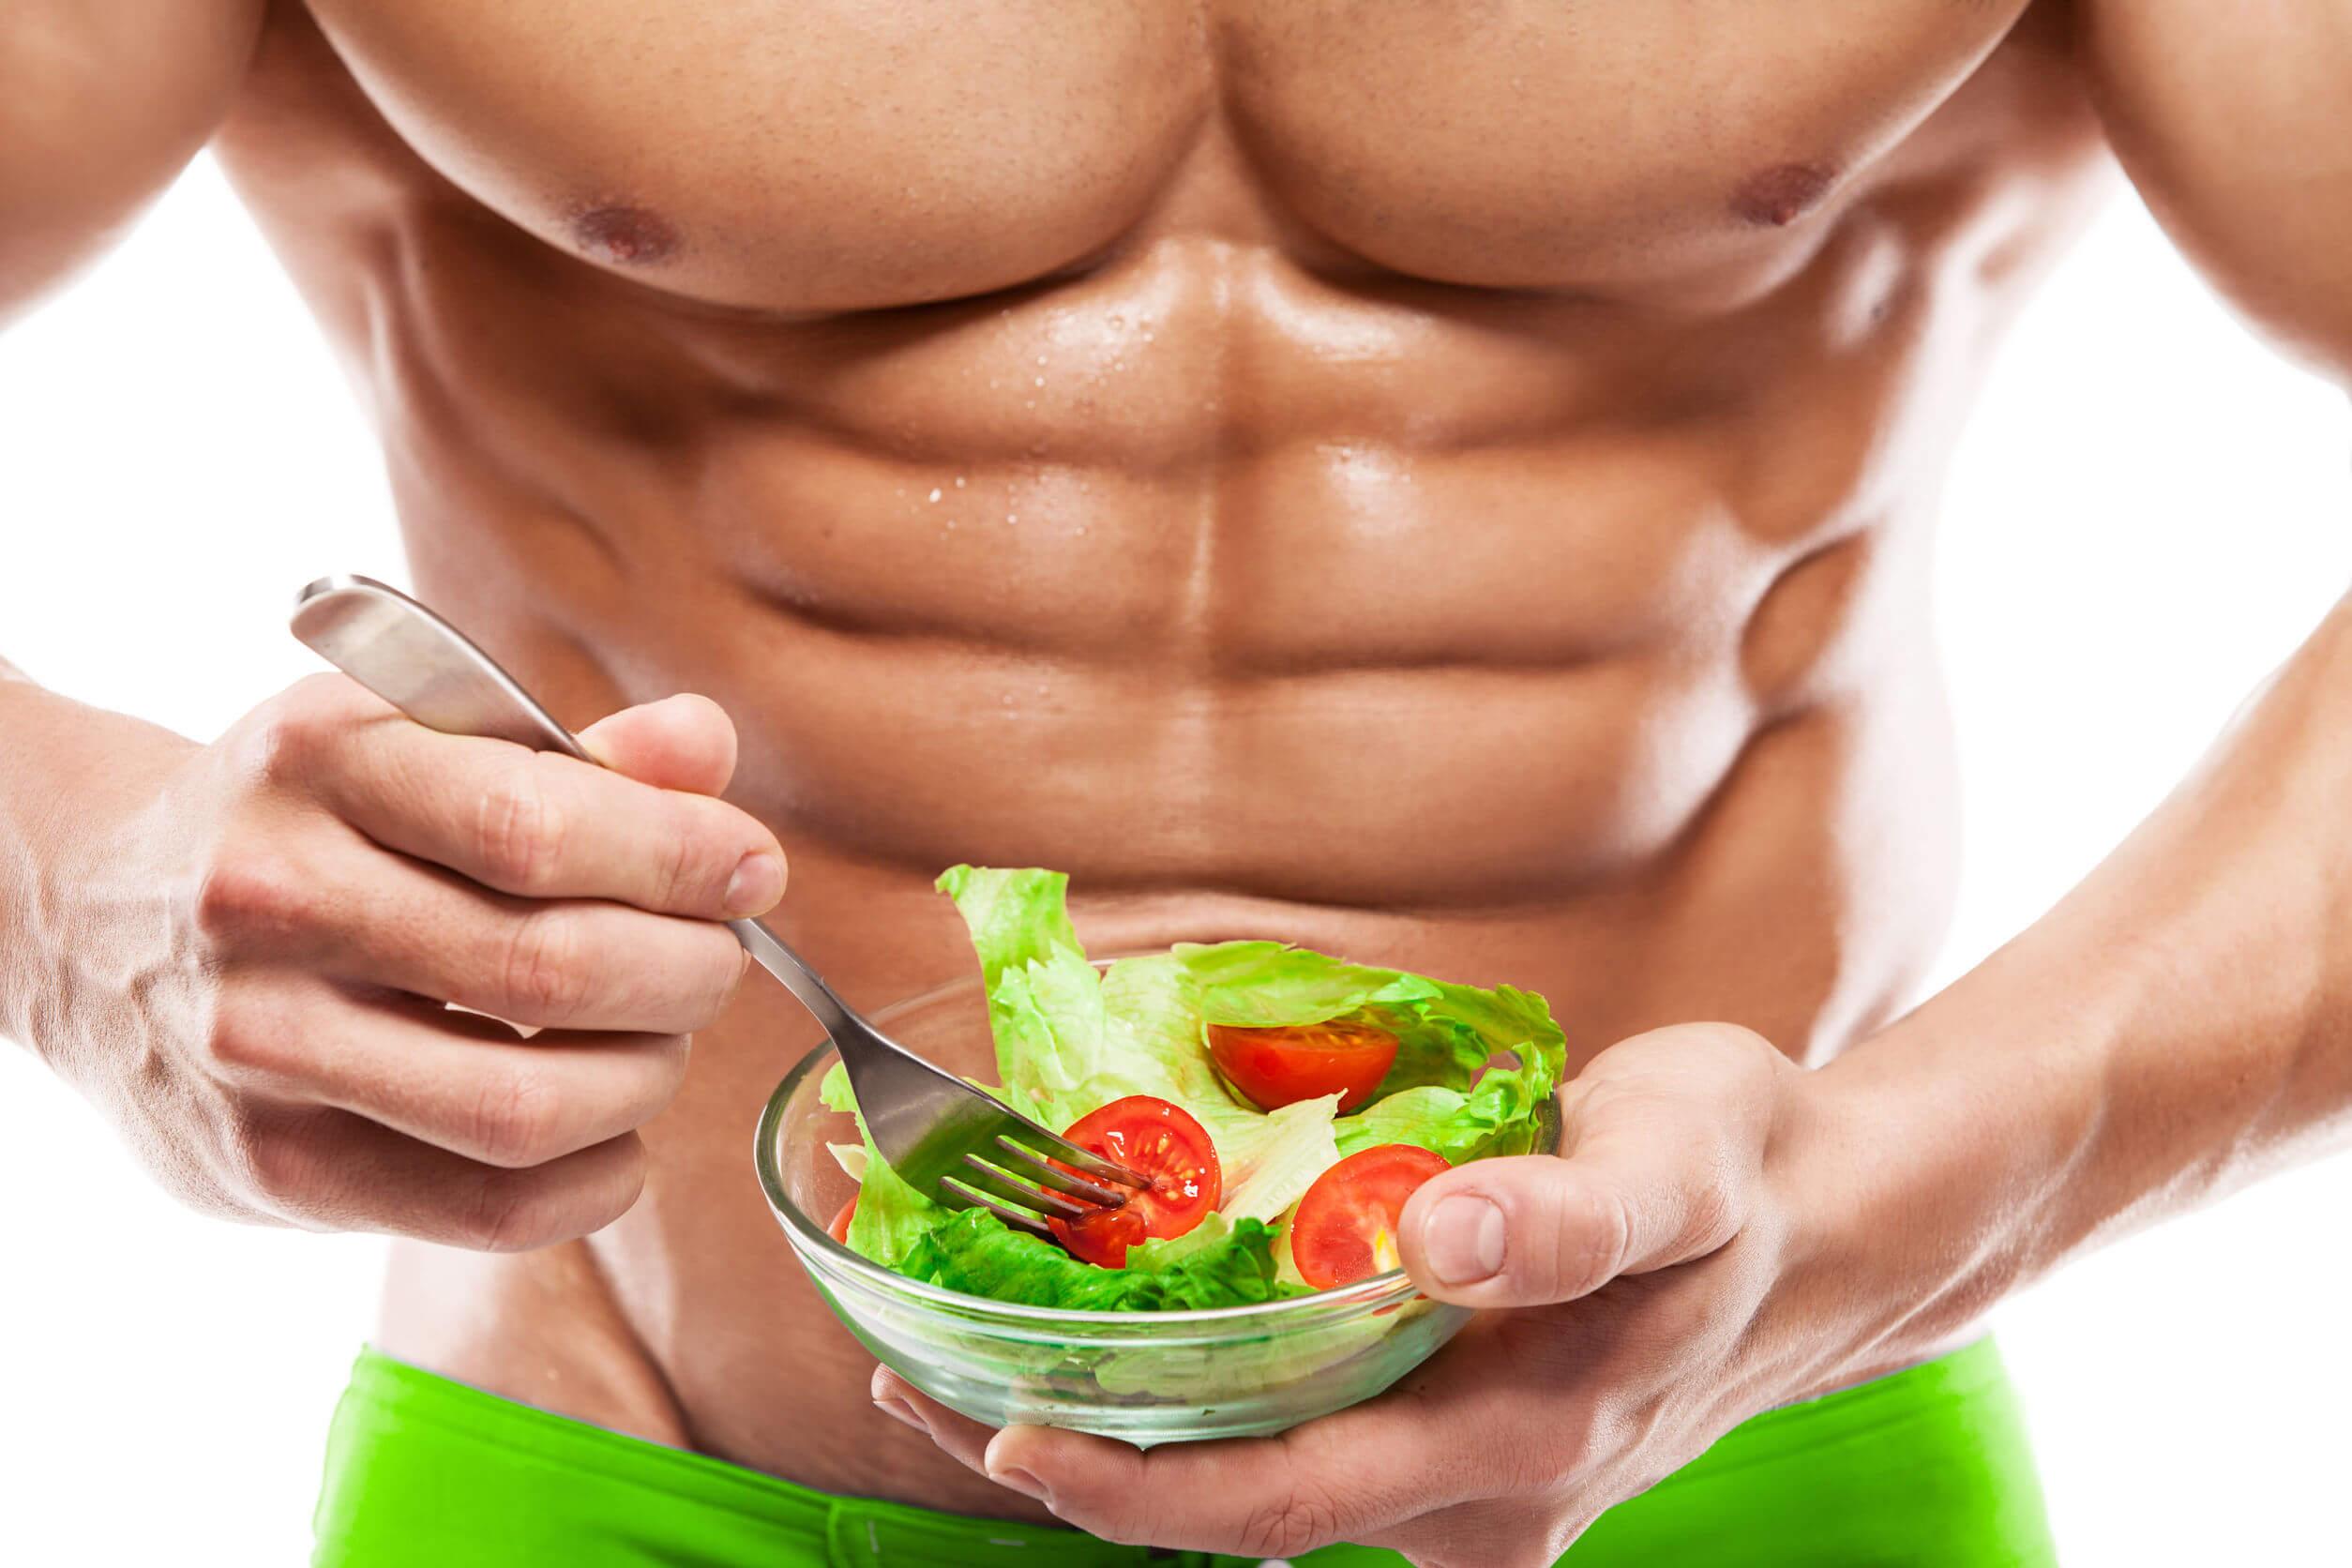 Диета для тех, кто хочет набрать мышечную массу диеты питание.